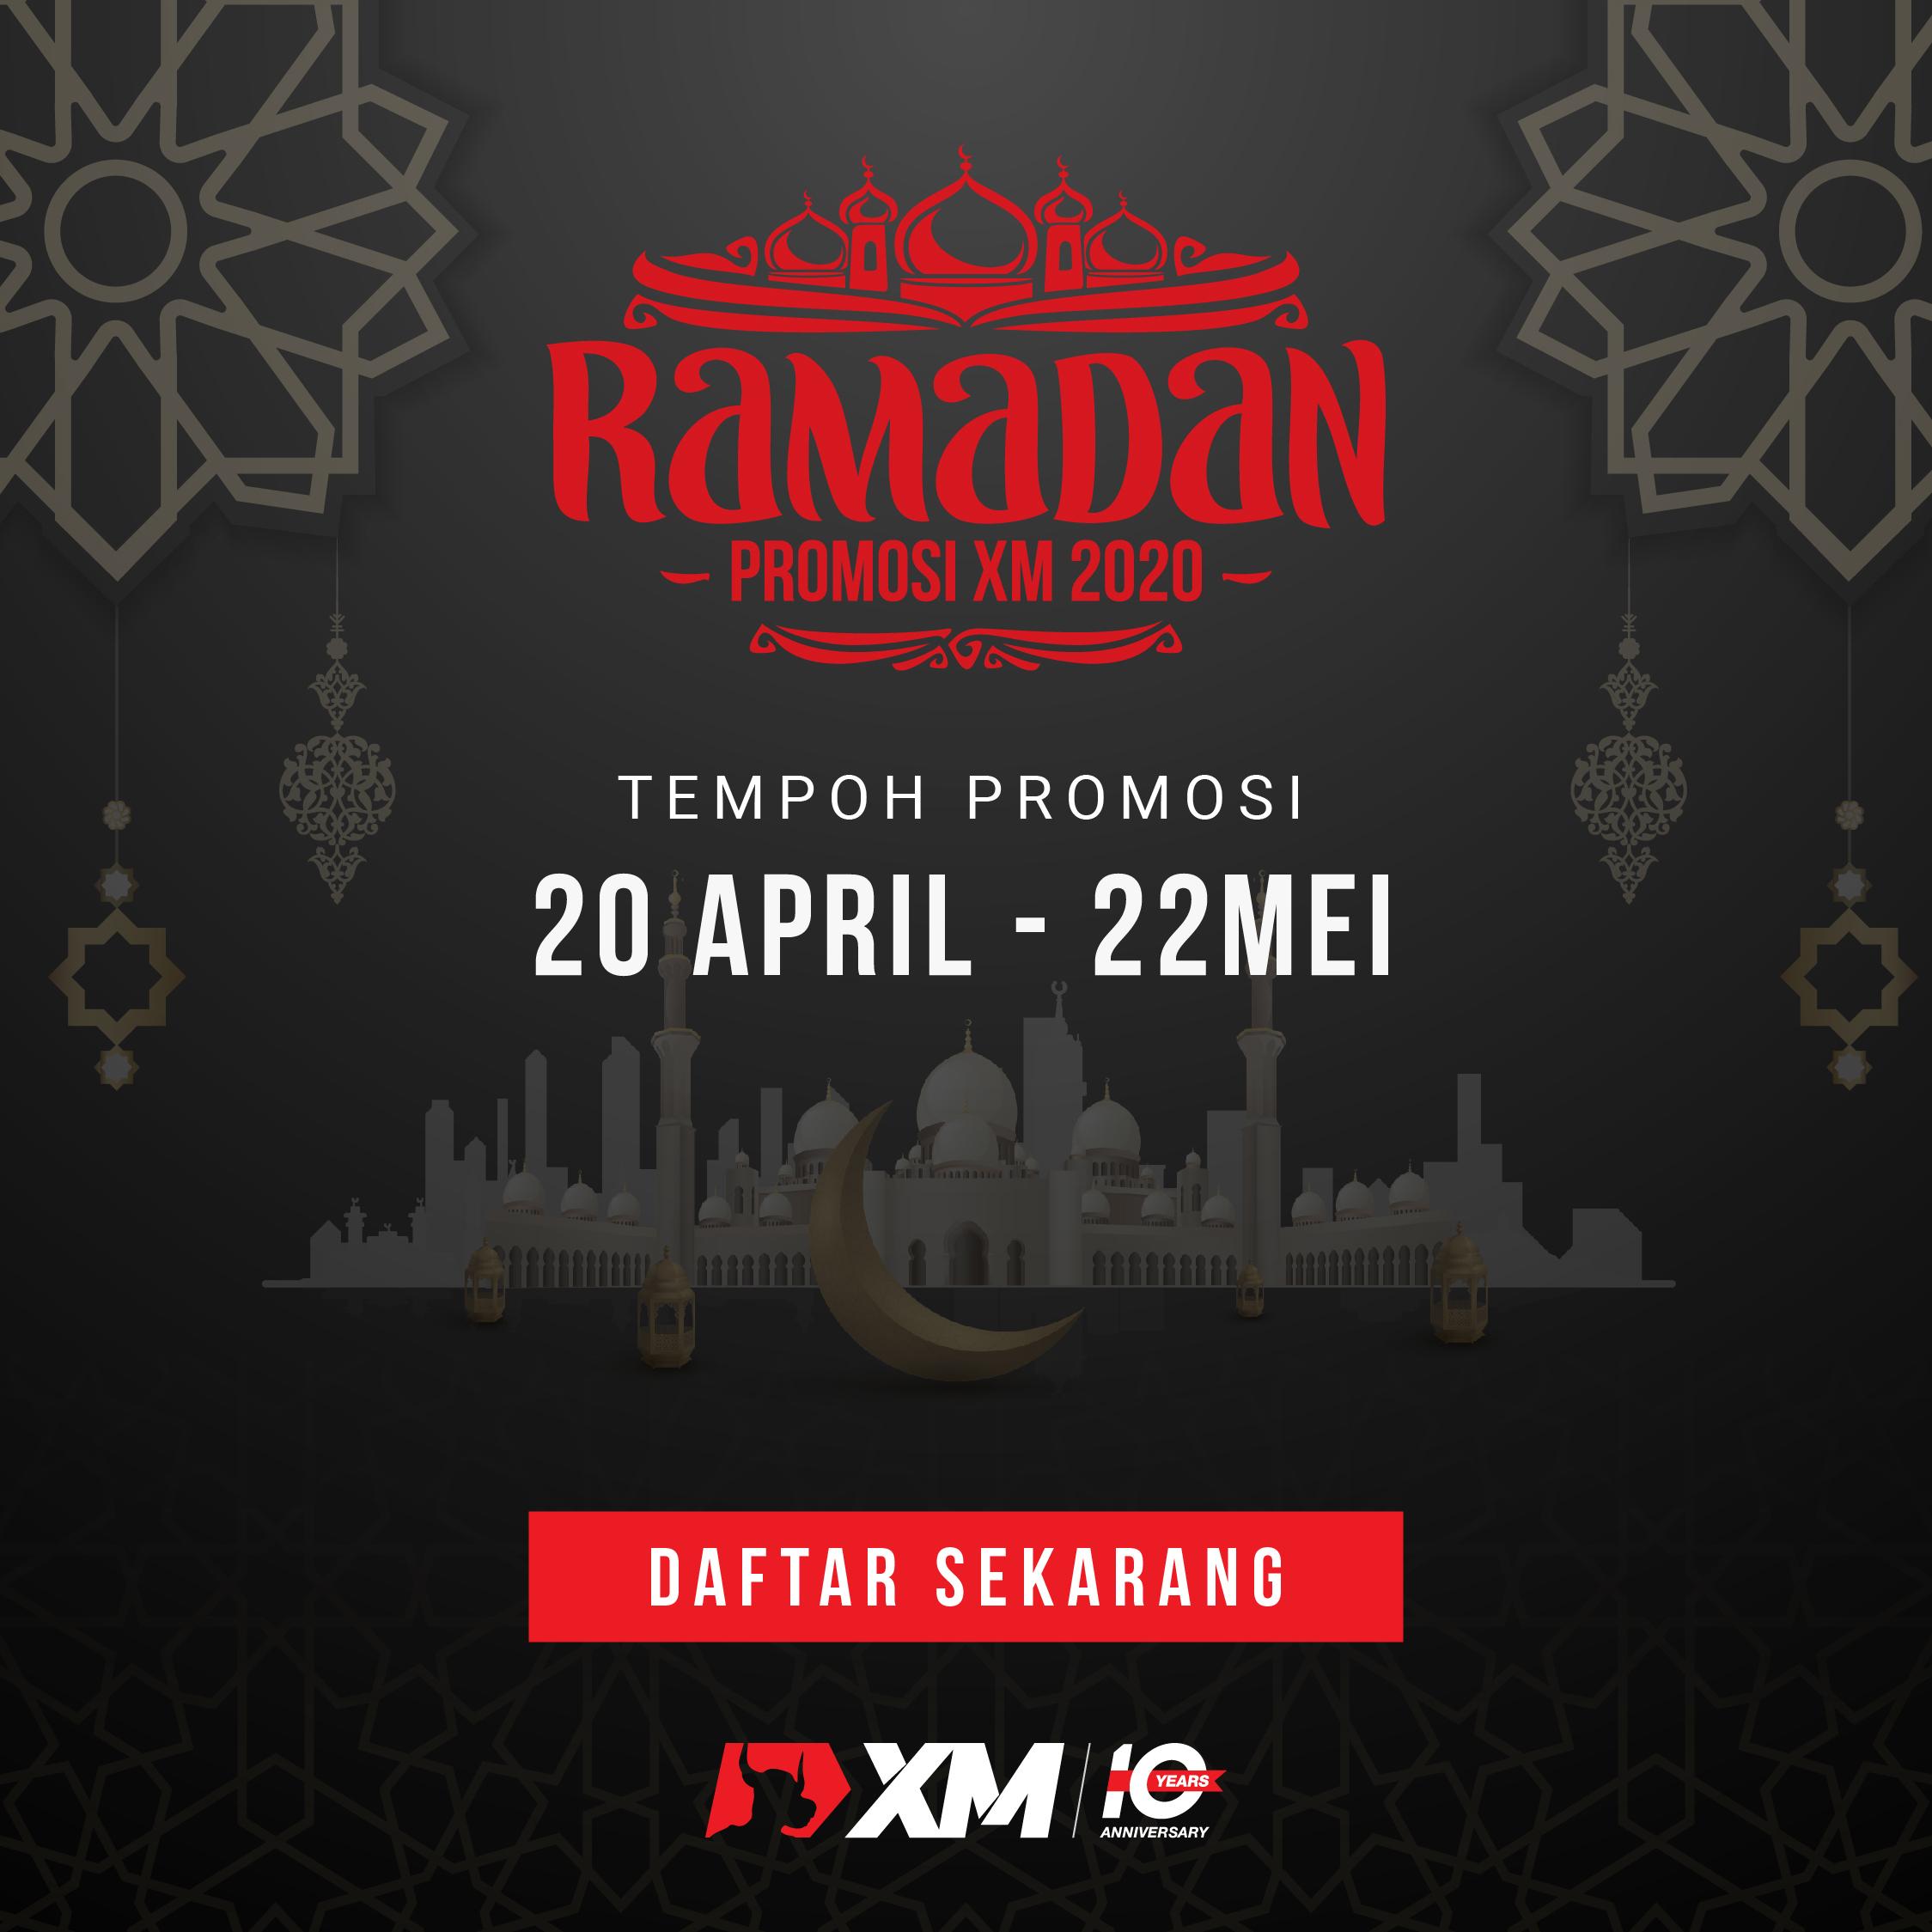 Promosi Ramadan XM 2020